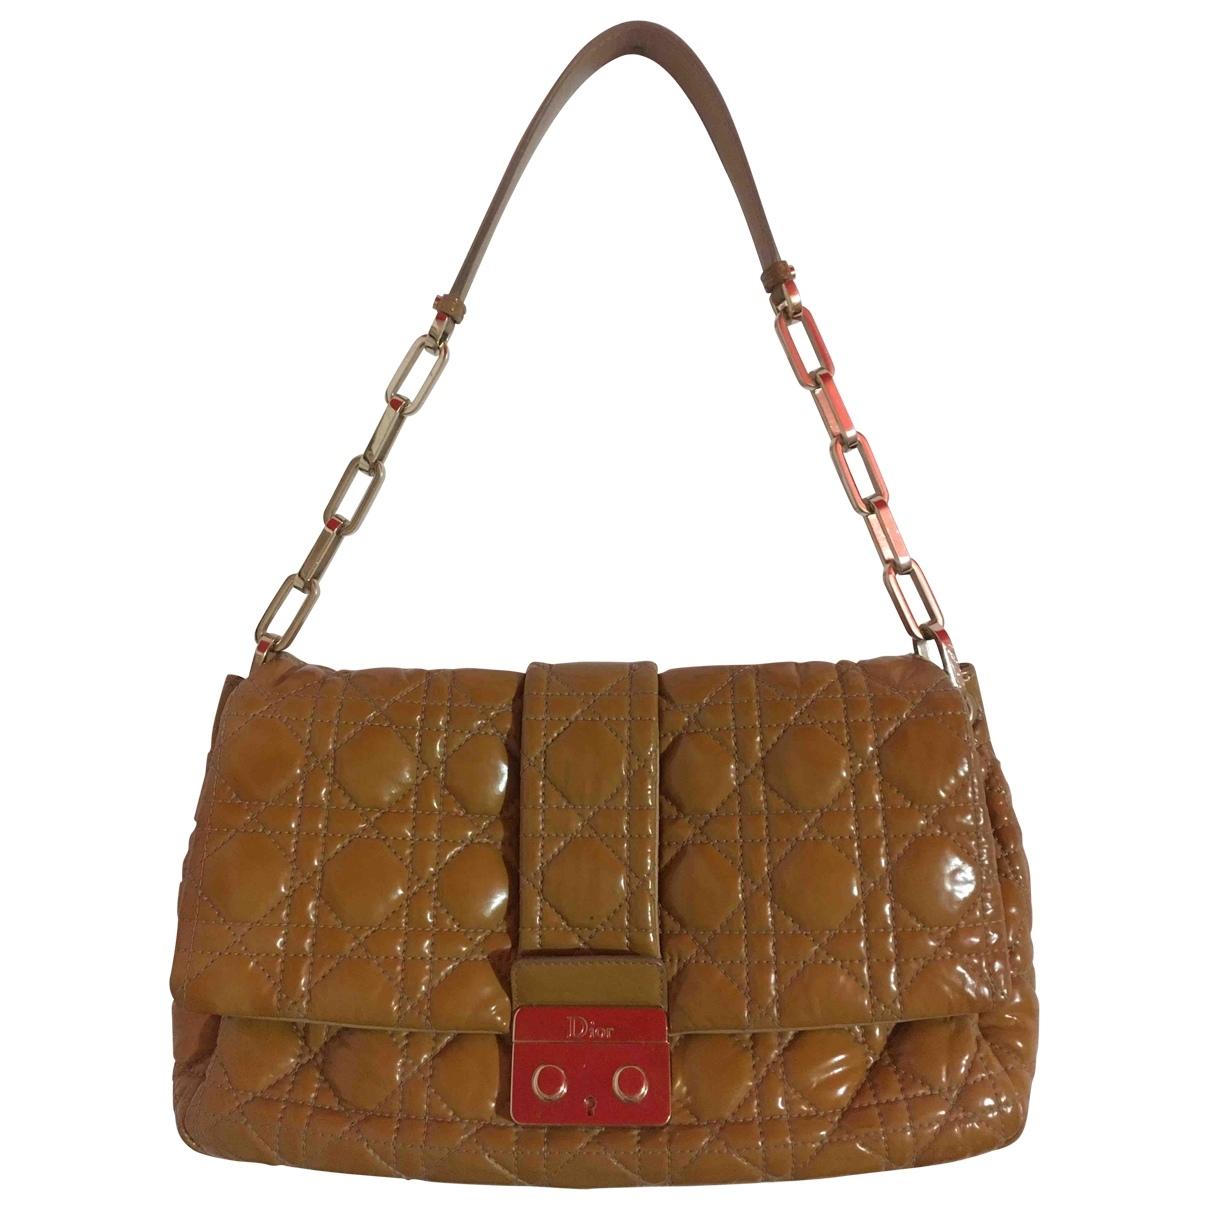 Dior - Sac a main New Lock  pour femme en cuir verni - camel